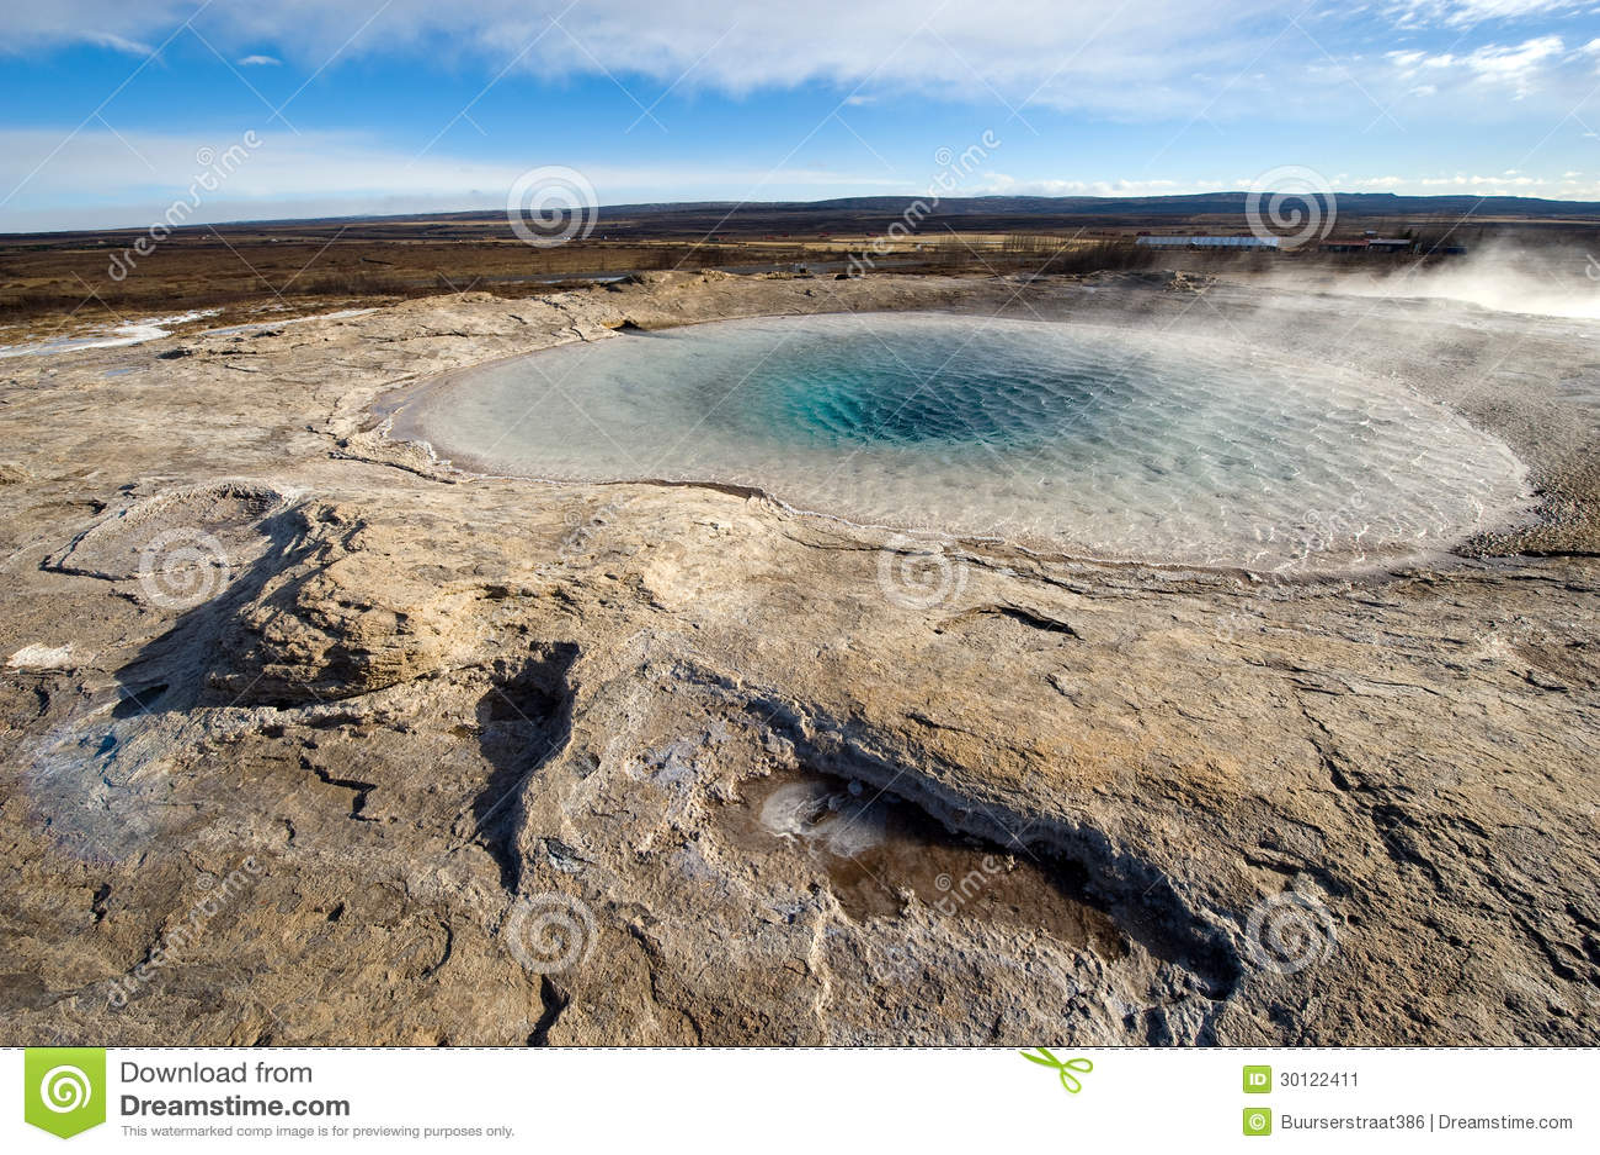 Agua caliente geotérmica